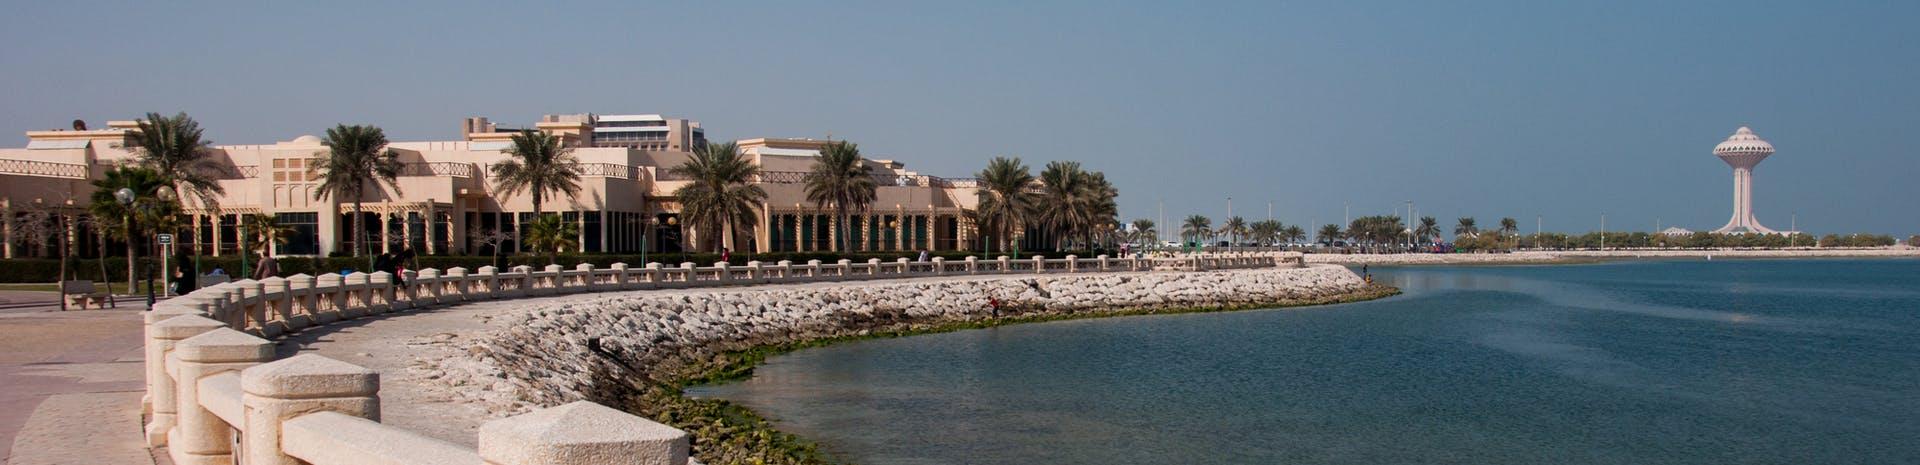 Picture of Al Khobar